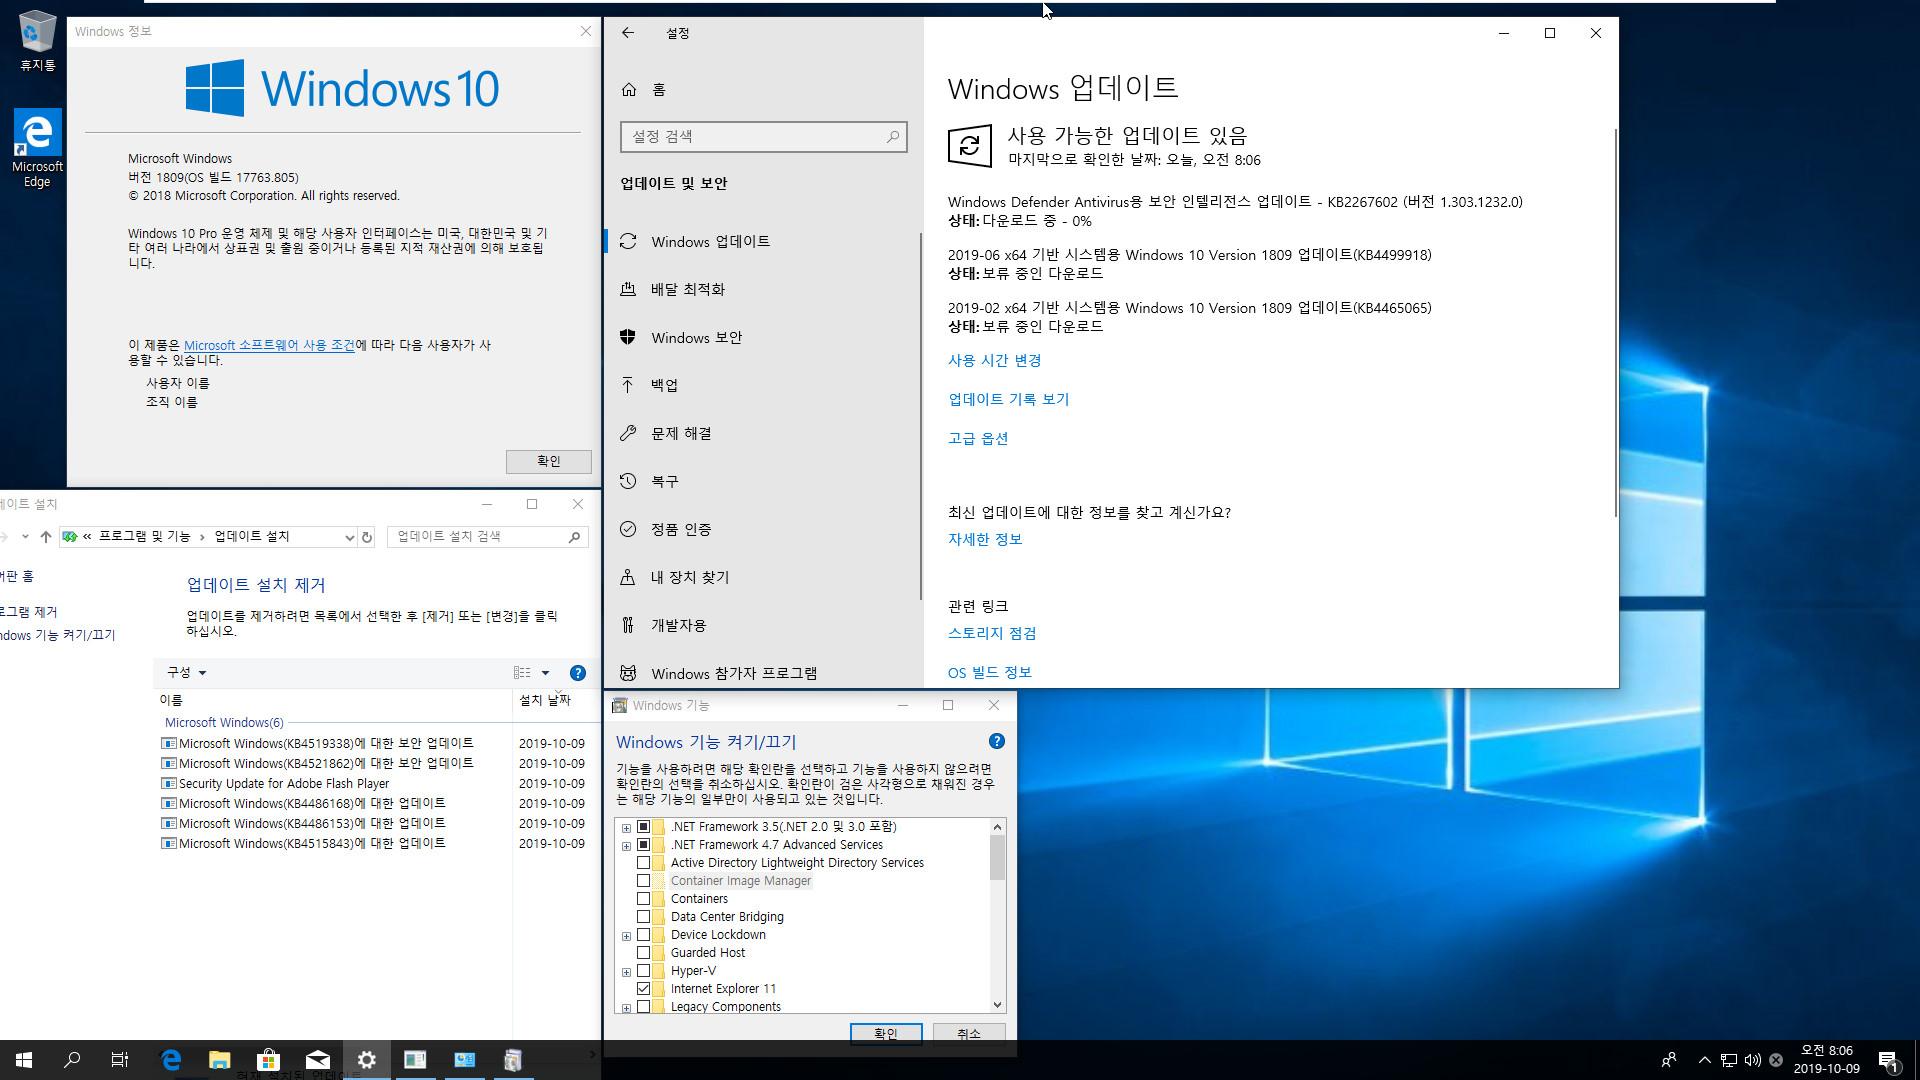 2019년 10월 9일 정기 업데이트 나왔네요 - Windows 10 버전 1809 누적 업데이트 KB4519338 (OS 빌드 17763.805) [2019-10-08 일자] - install.wim 통합중 입니다 - 64비트 확인 2019-10-09_080653.jpg